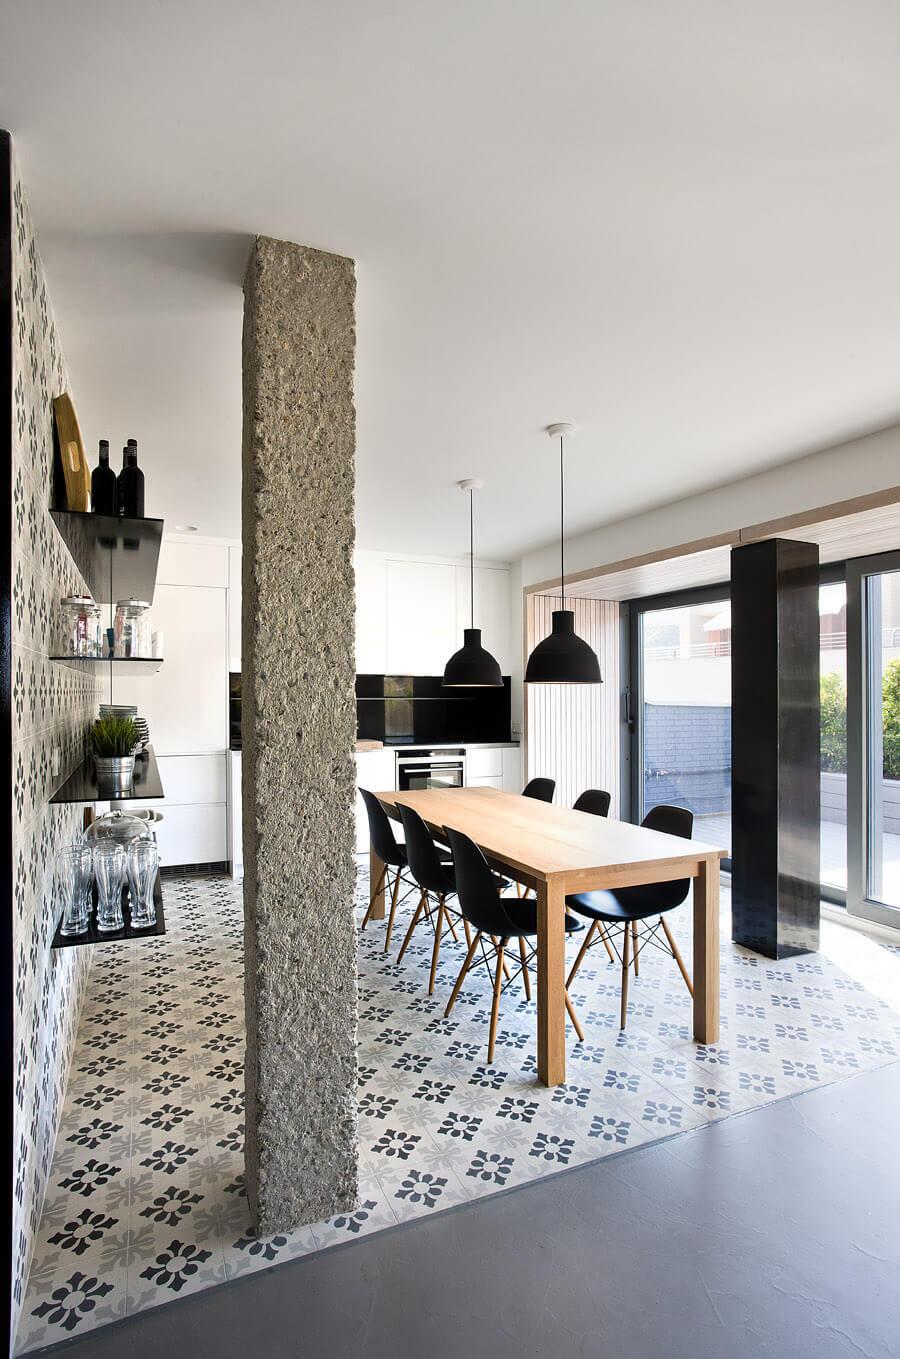 Stile urbano contemporaneo per un appartamento spagnolo for Arredamento in spagnolo